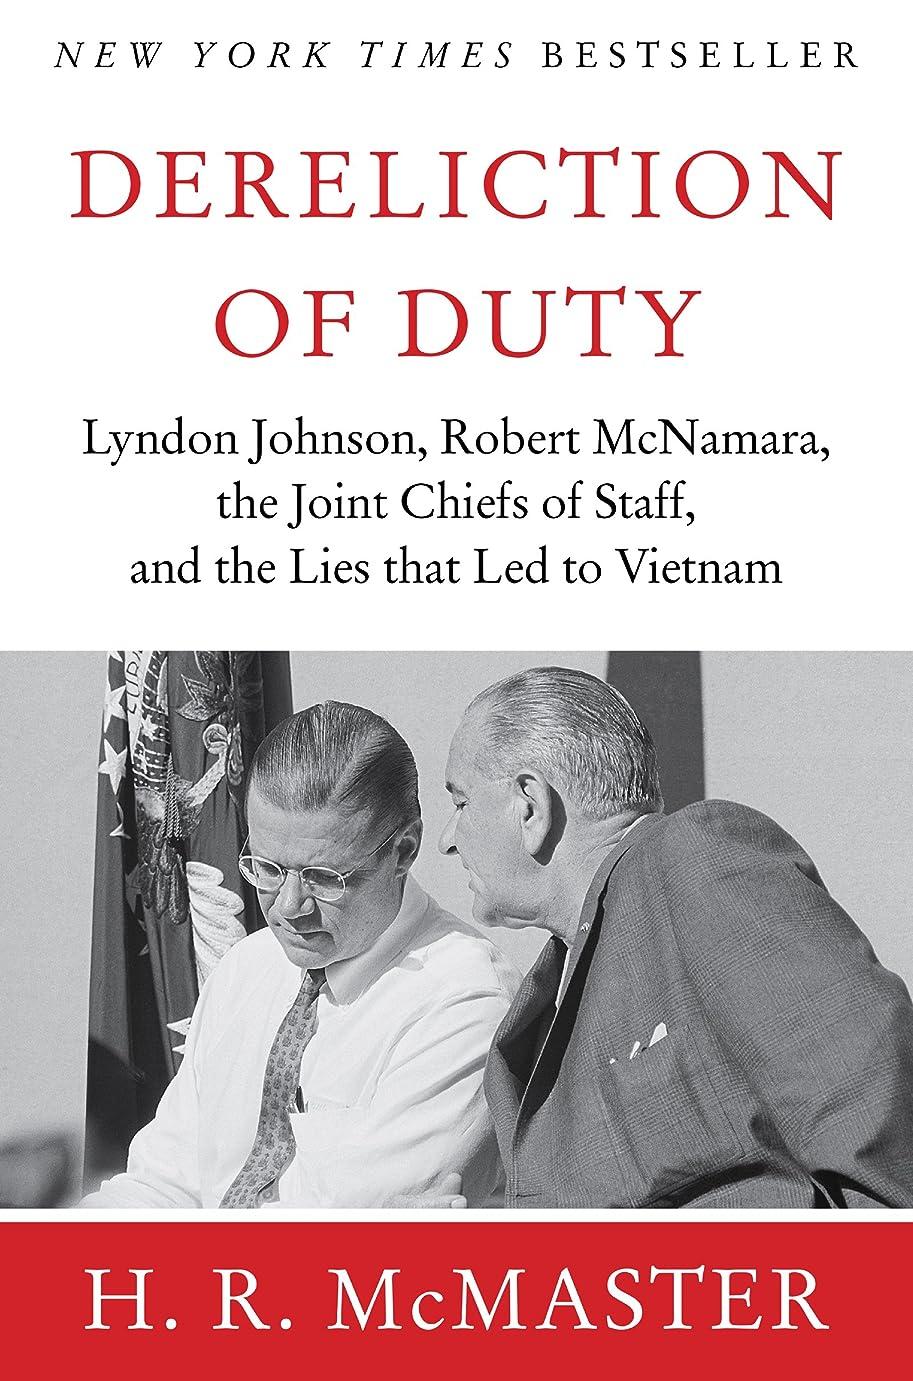 信頼性のあるバング繁栄Dereliction of Duty: Johnson, McNamara, the Joint Chiefs of Staff (English Edition)